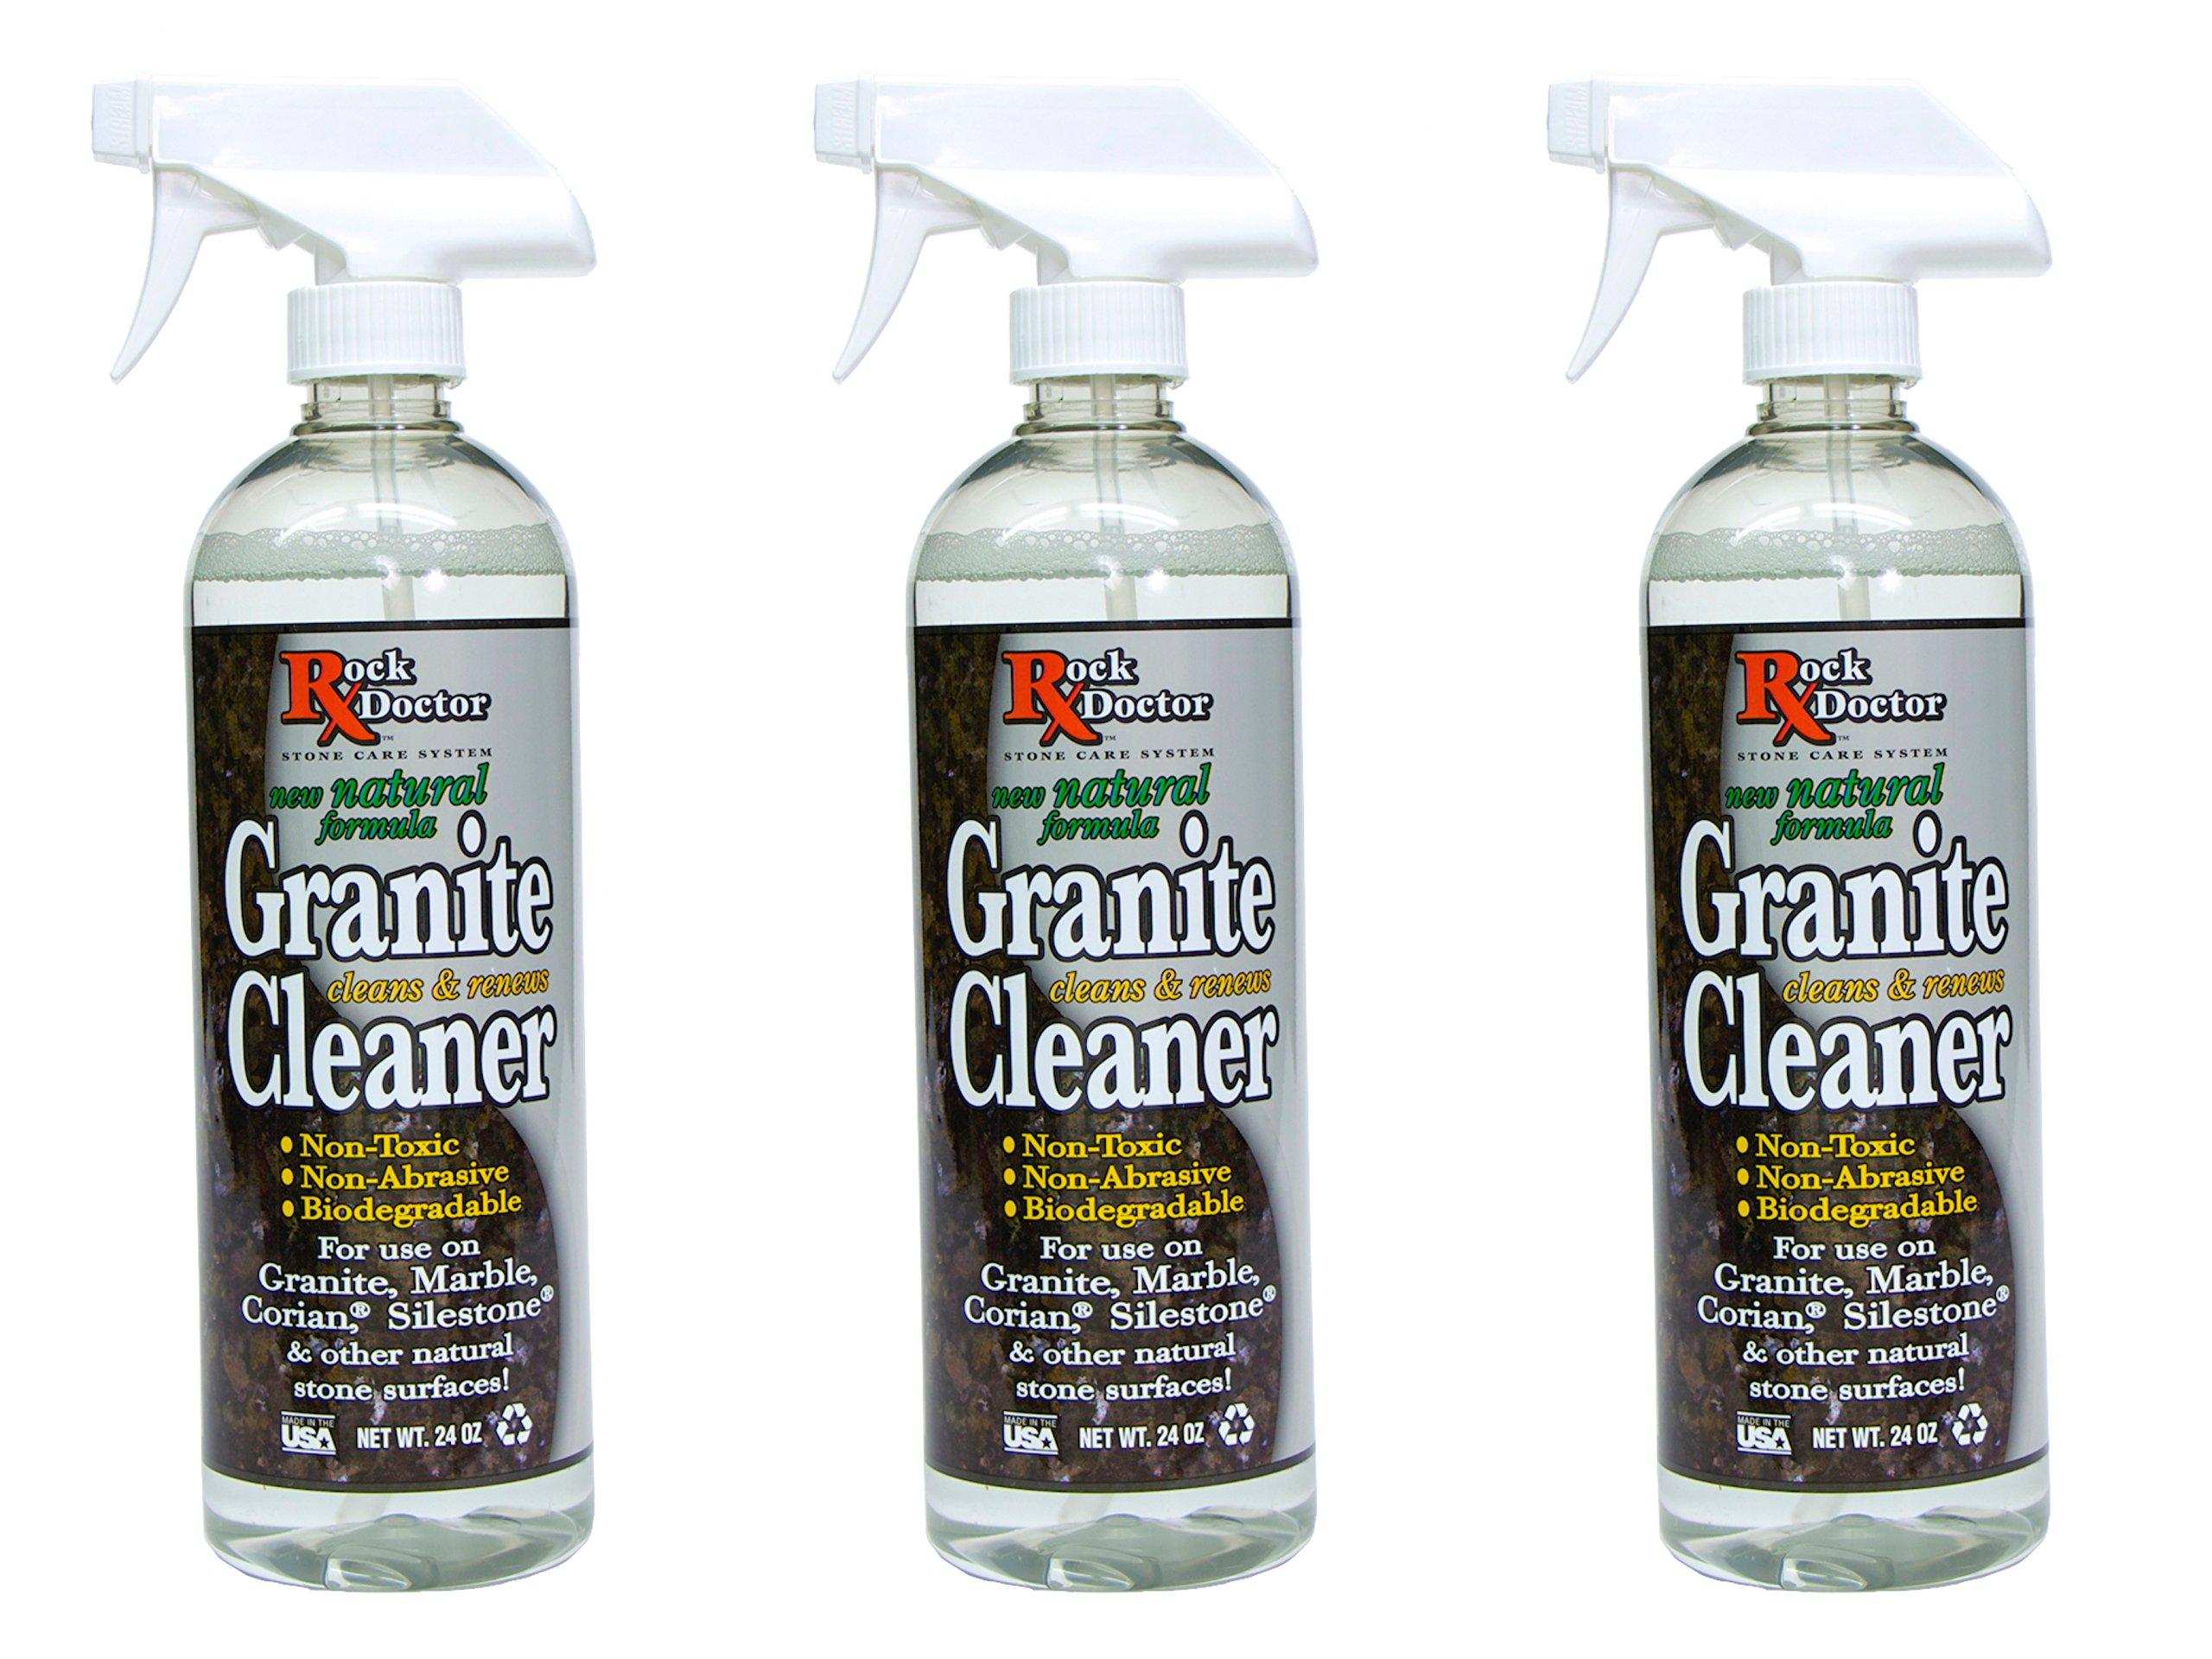 24 Oz. Rock Doctor All Natural Granite Cleaner (Bundle of 3 Bottles)